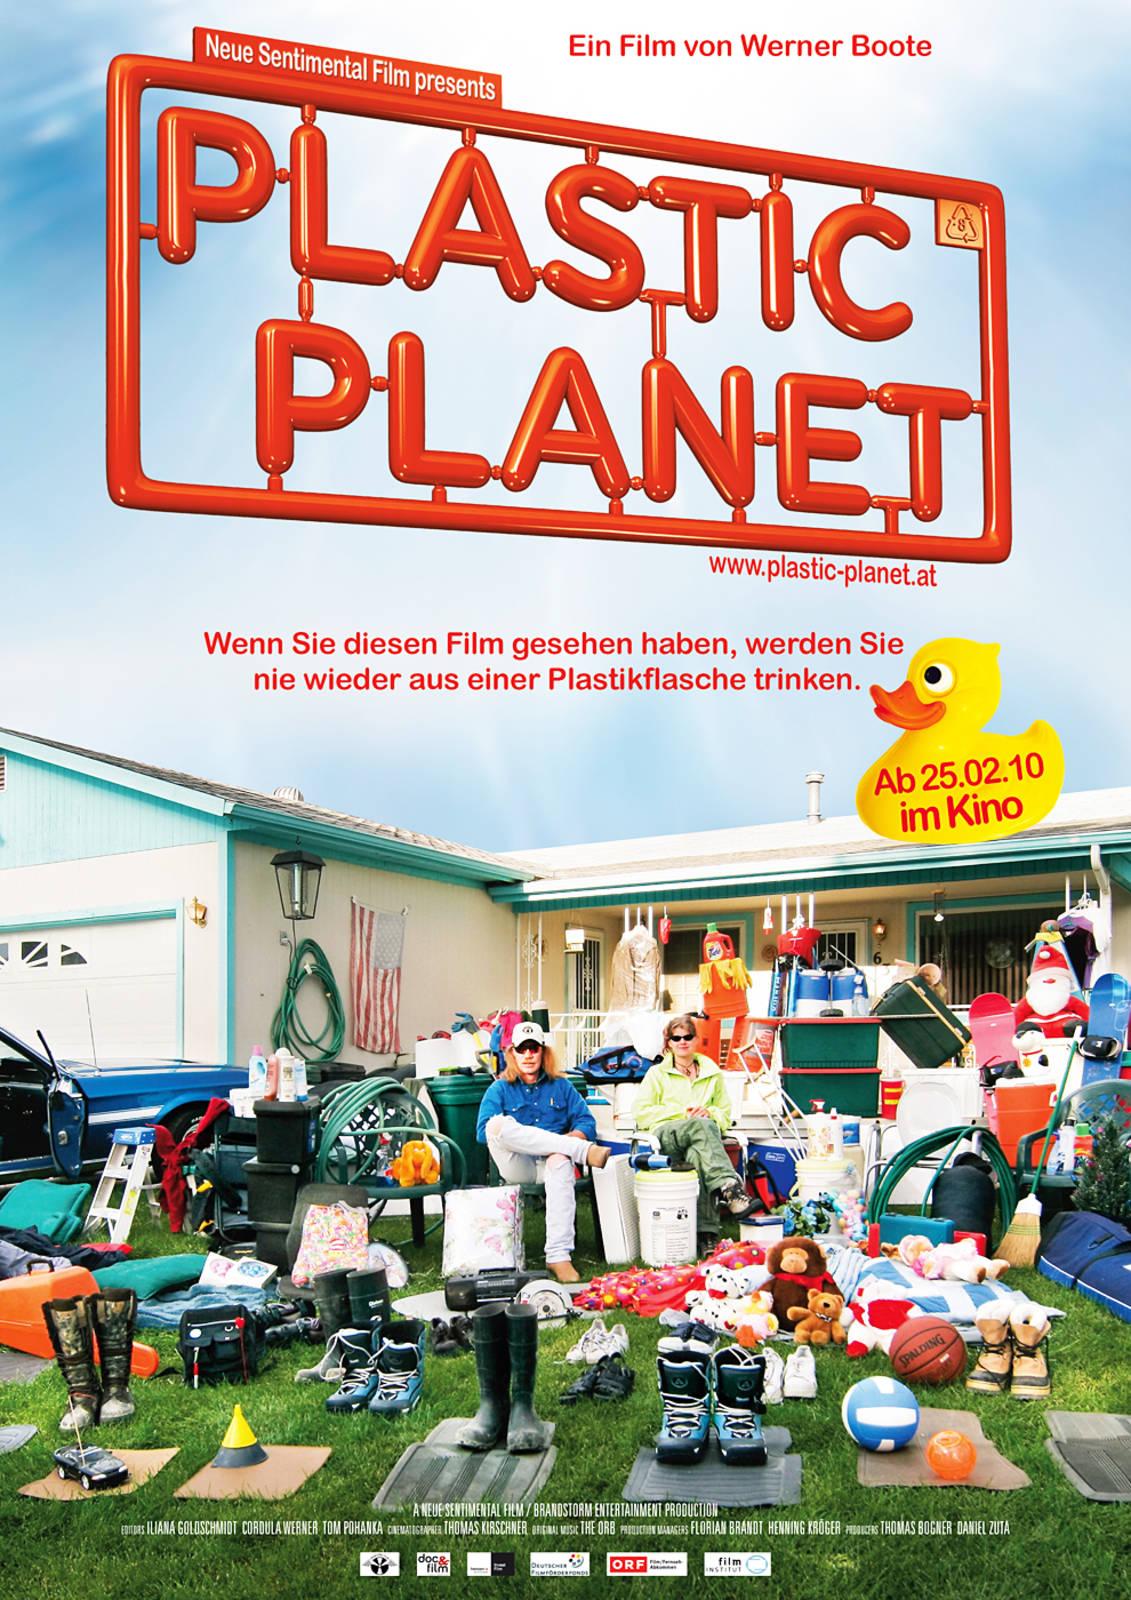 Plastic Planet Film